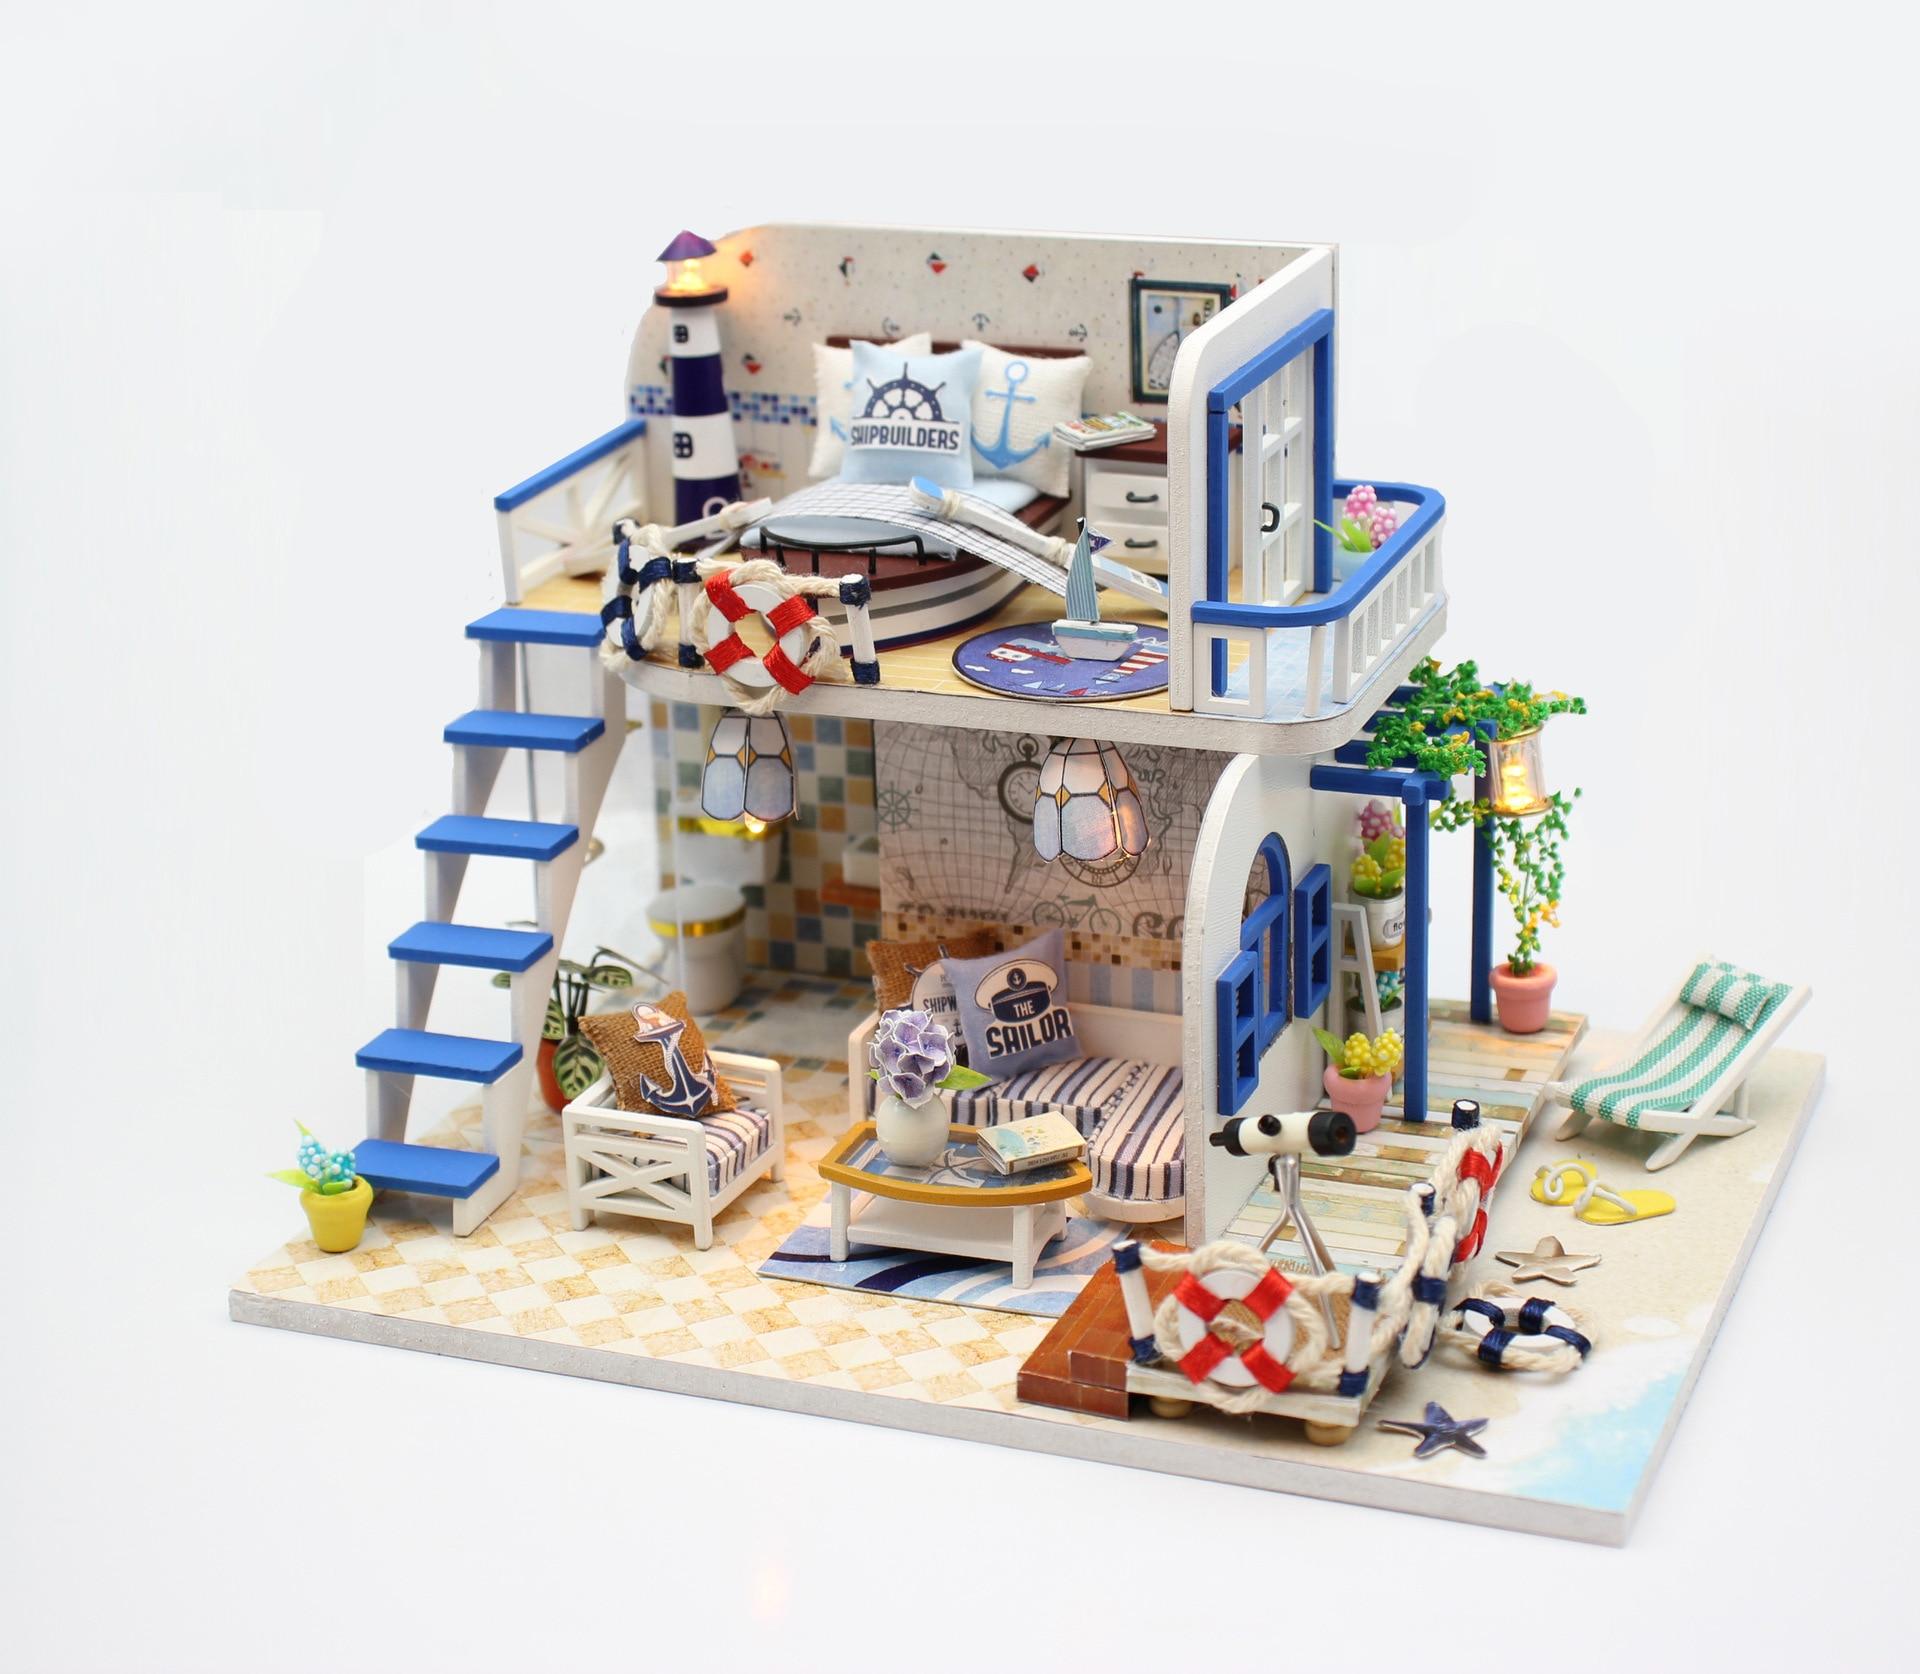 Casa de muñecas en miniatura de madera, Kits creativos DIYFurniture ensamblados a mano, modelos de juguetes, regalo del Día de San Valentín, Costa Azul